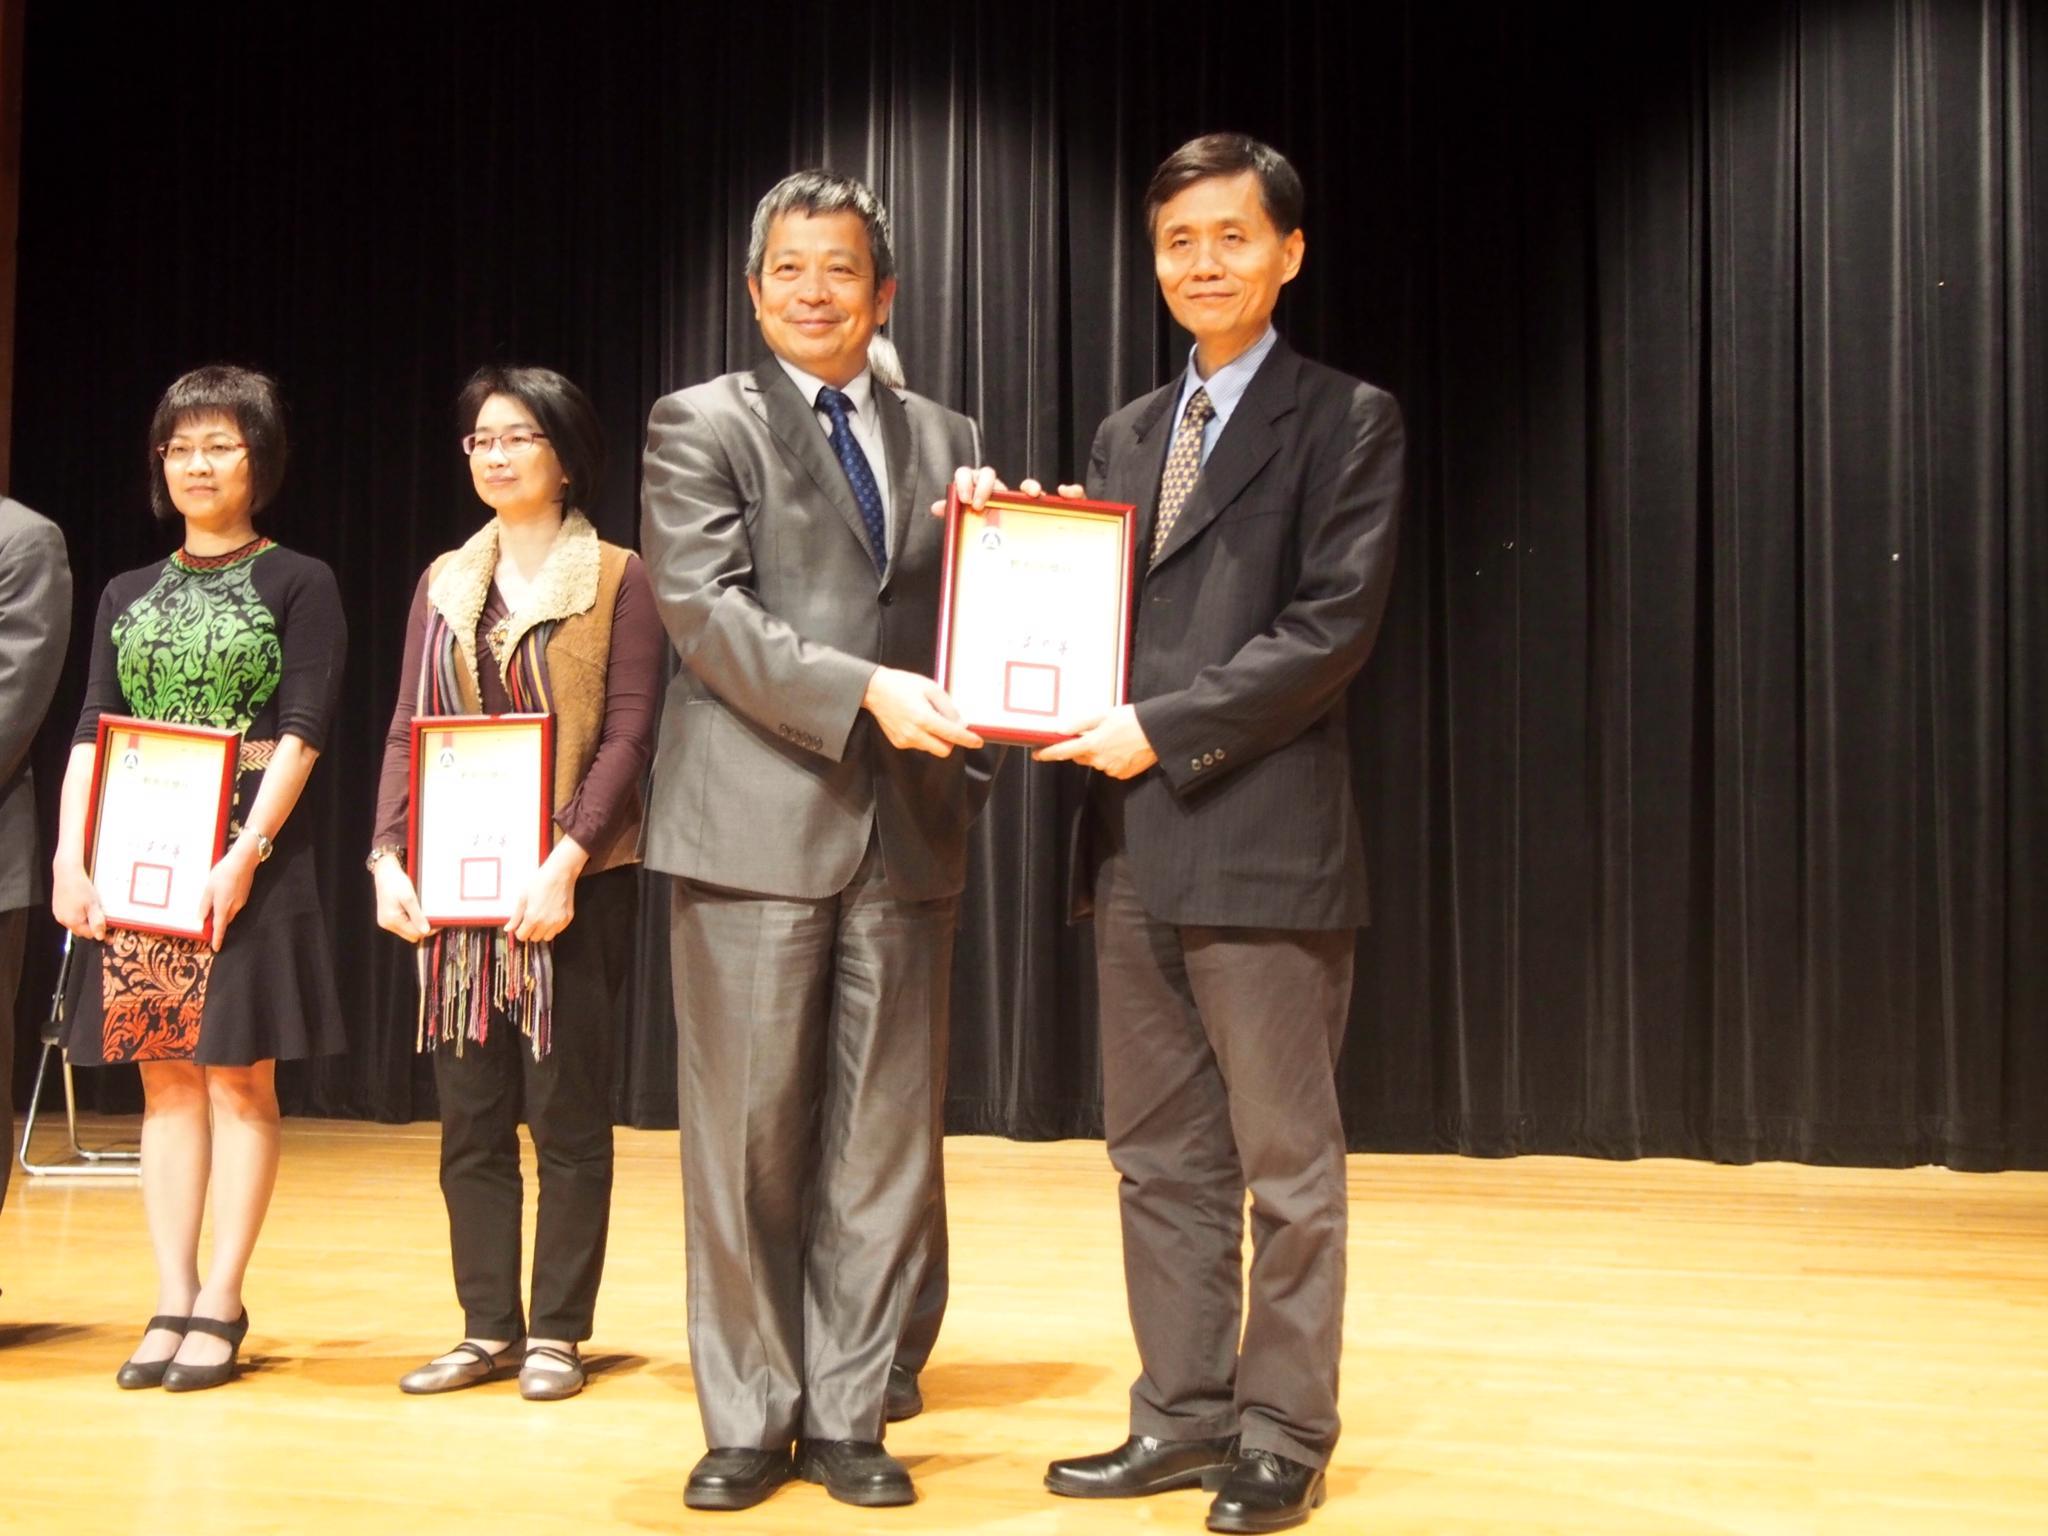 教育部表揚境外學生輔導工作 本校榮獲績優學校、績優人員